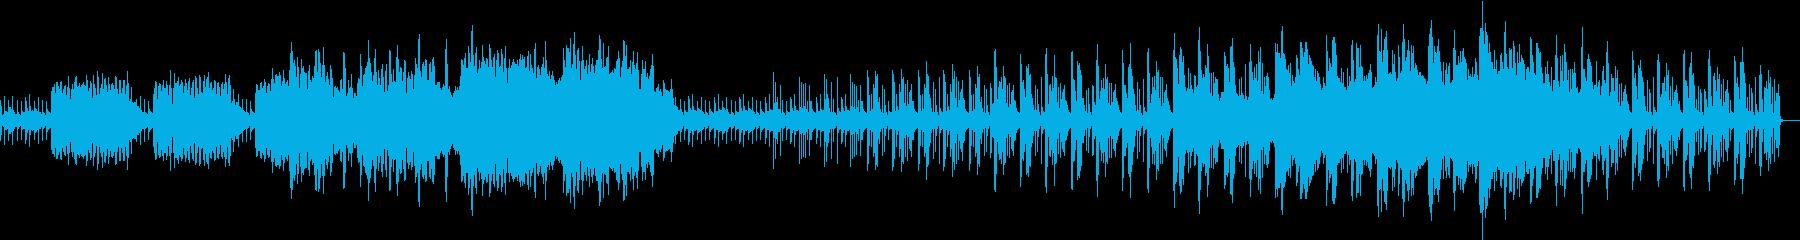 不思議で神秘的、ファンタジックな曲の再生済みの波形